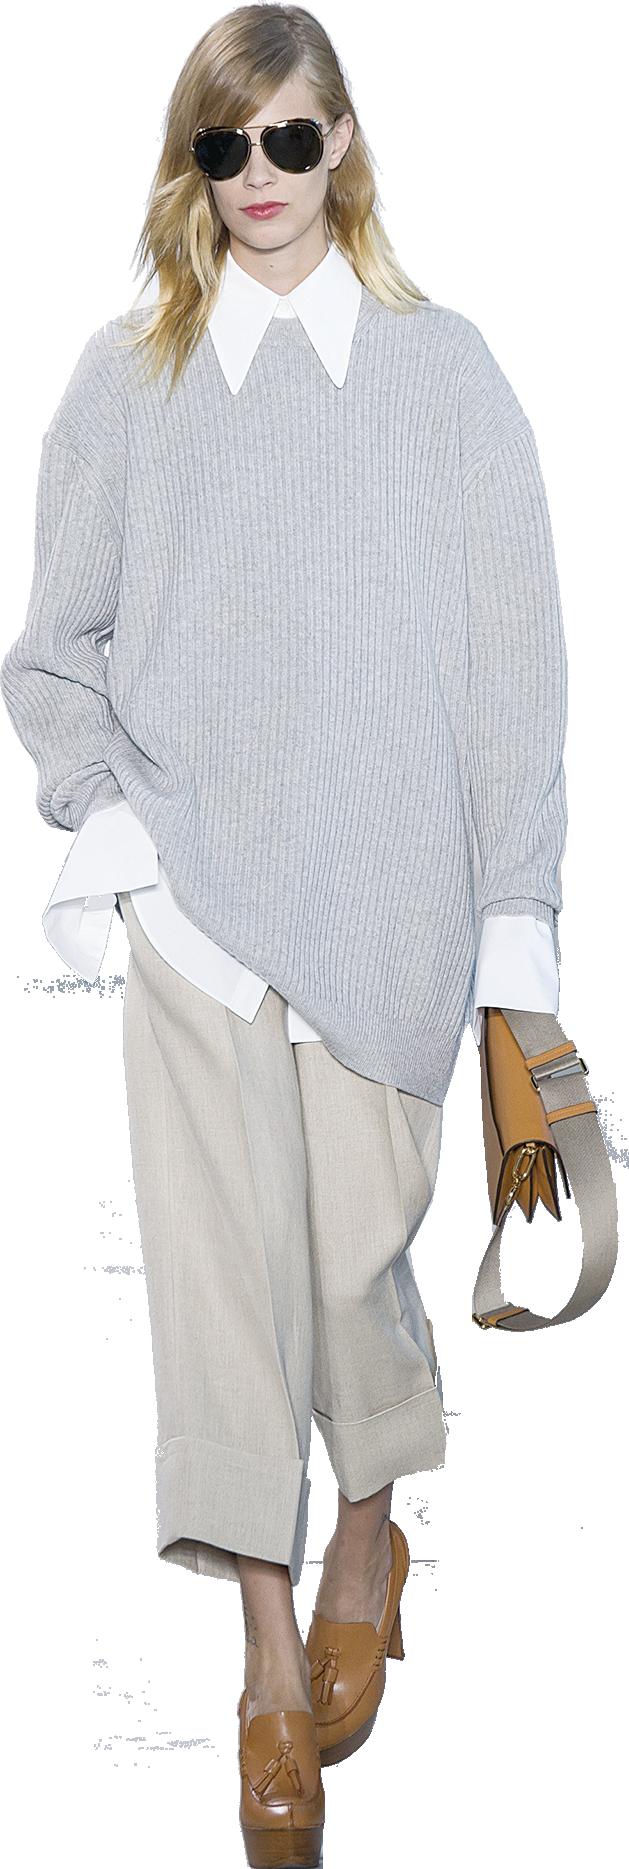 灰色寬鬆款式的冷衫看似普通但絕不平凡。內襯襯衫,造型更有層次感。(Getty images)